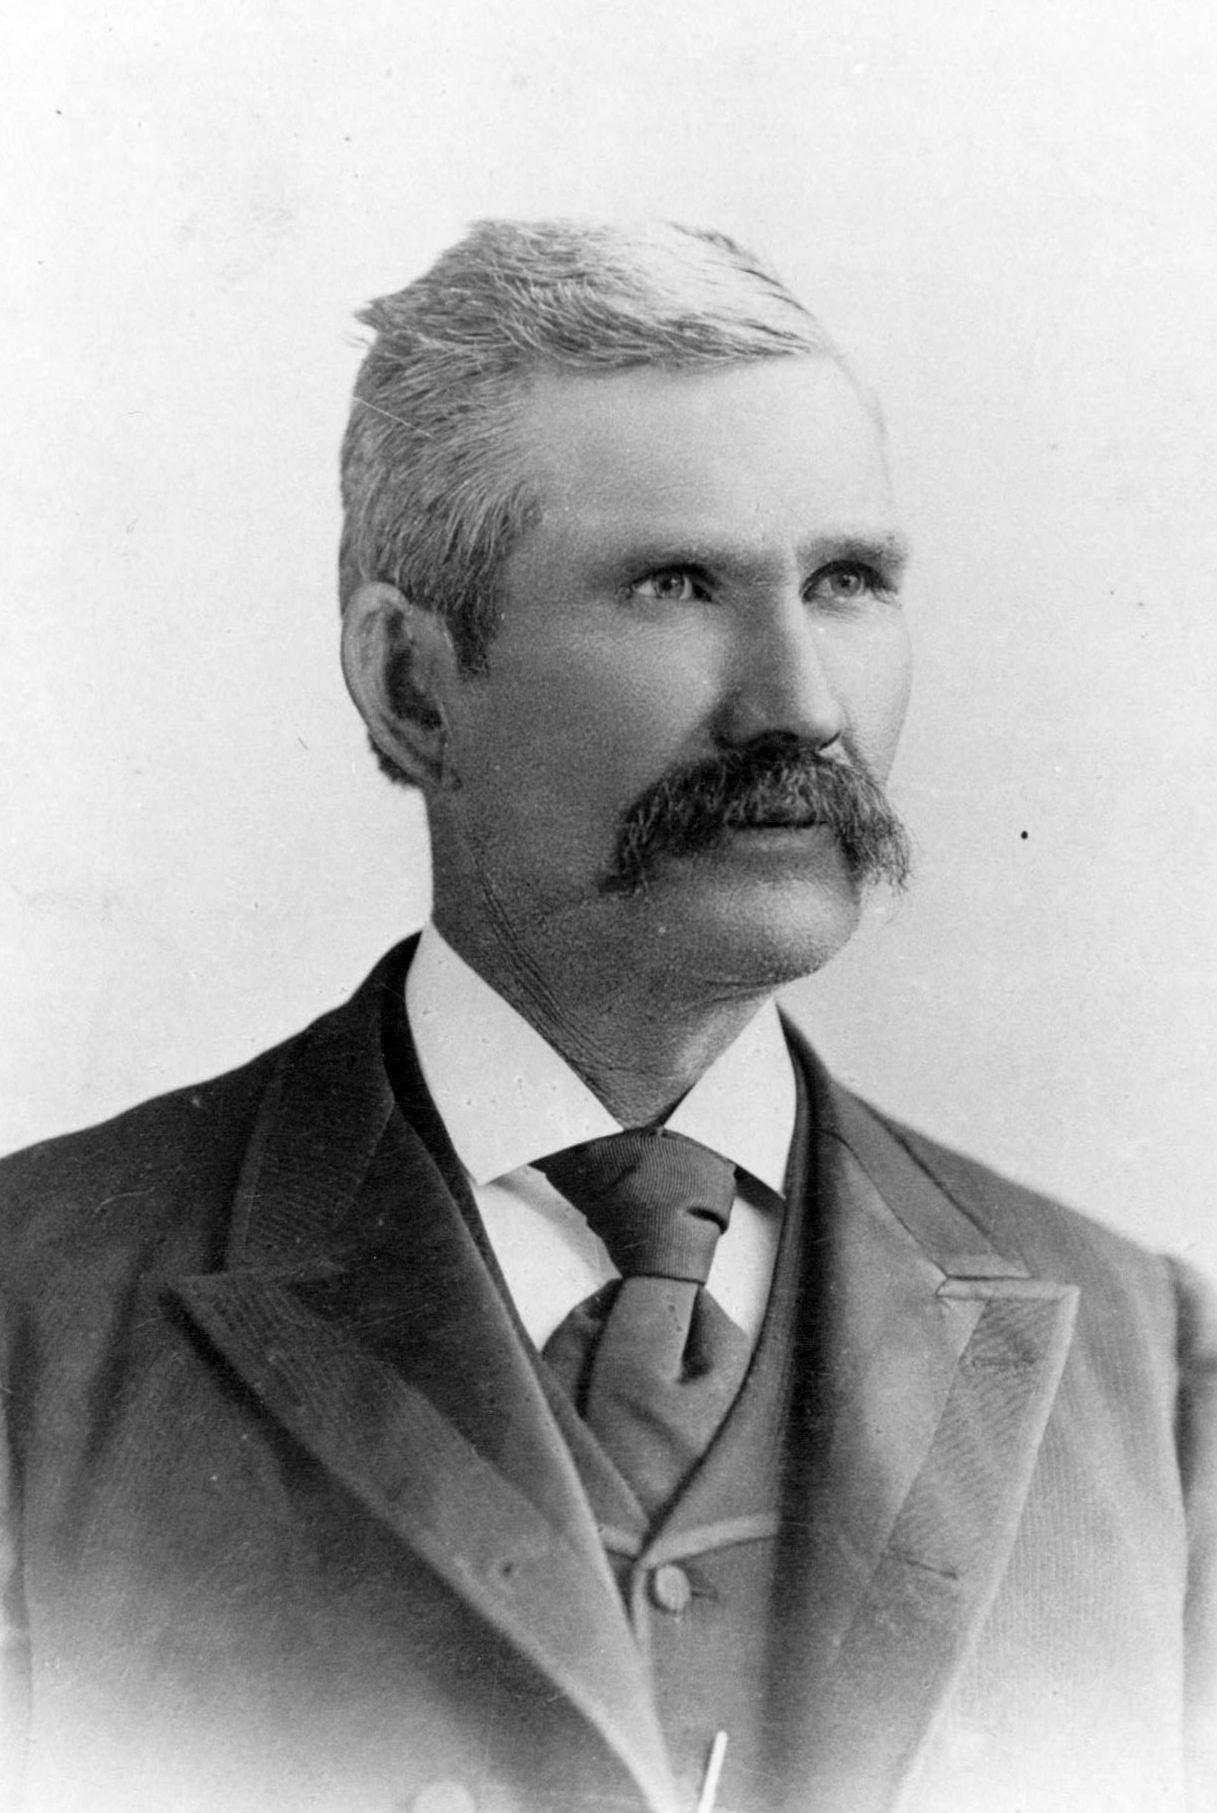 Gardner, Neil Livingston